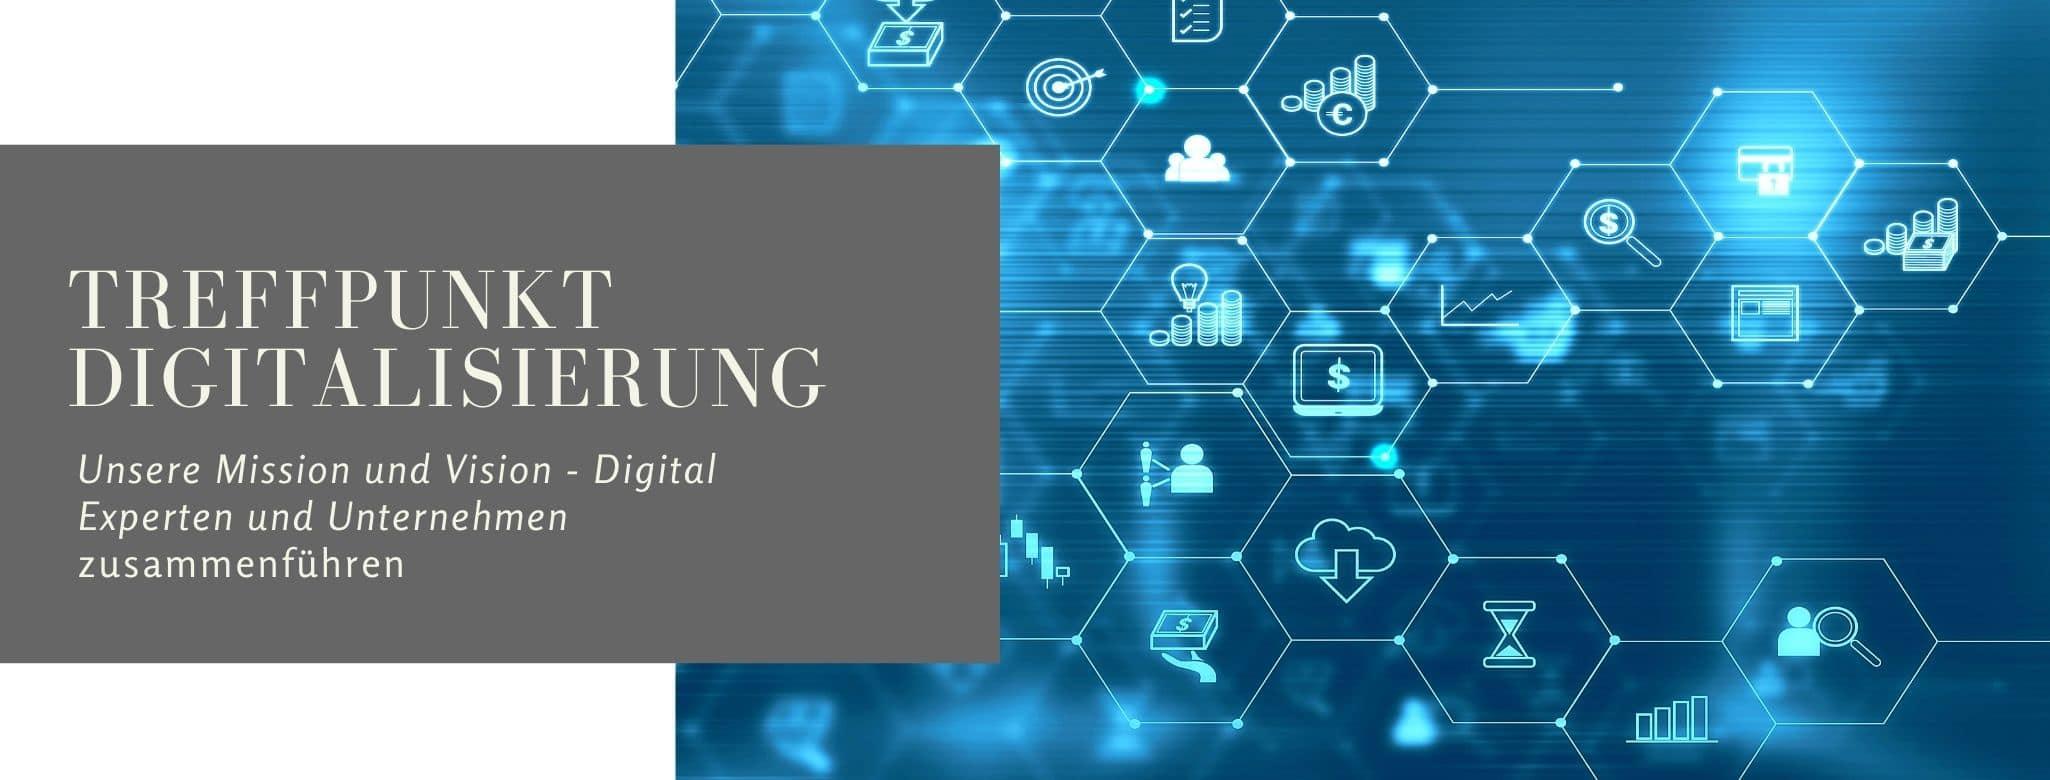 Treffpunkt Digitalisierung